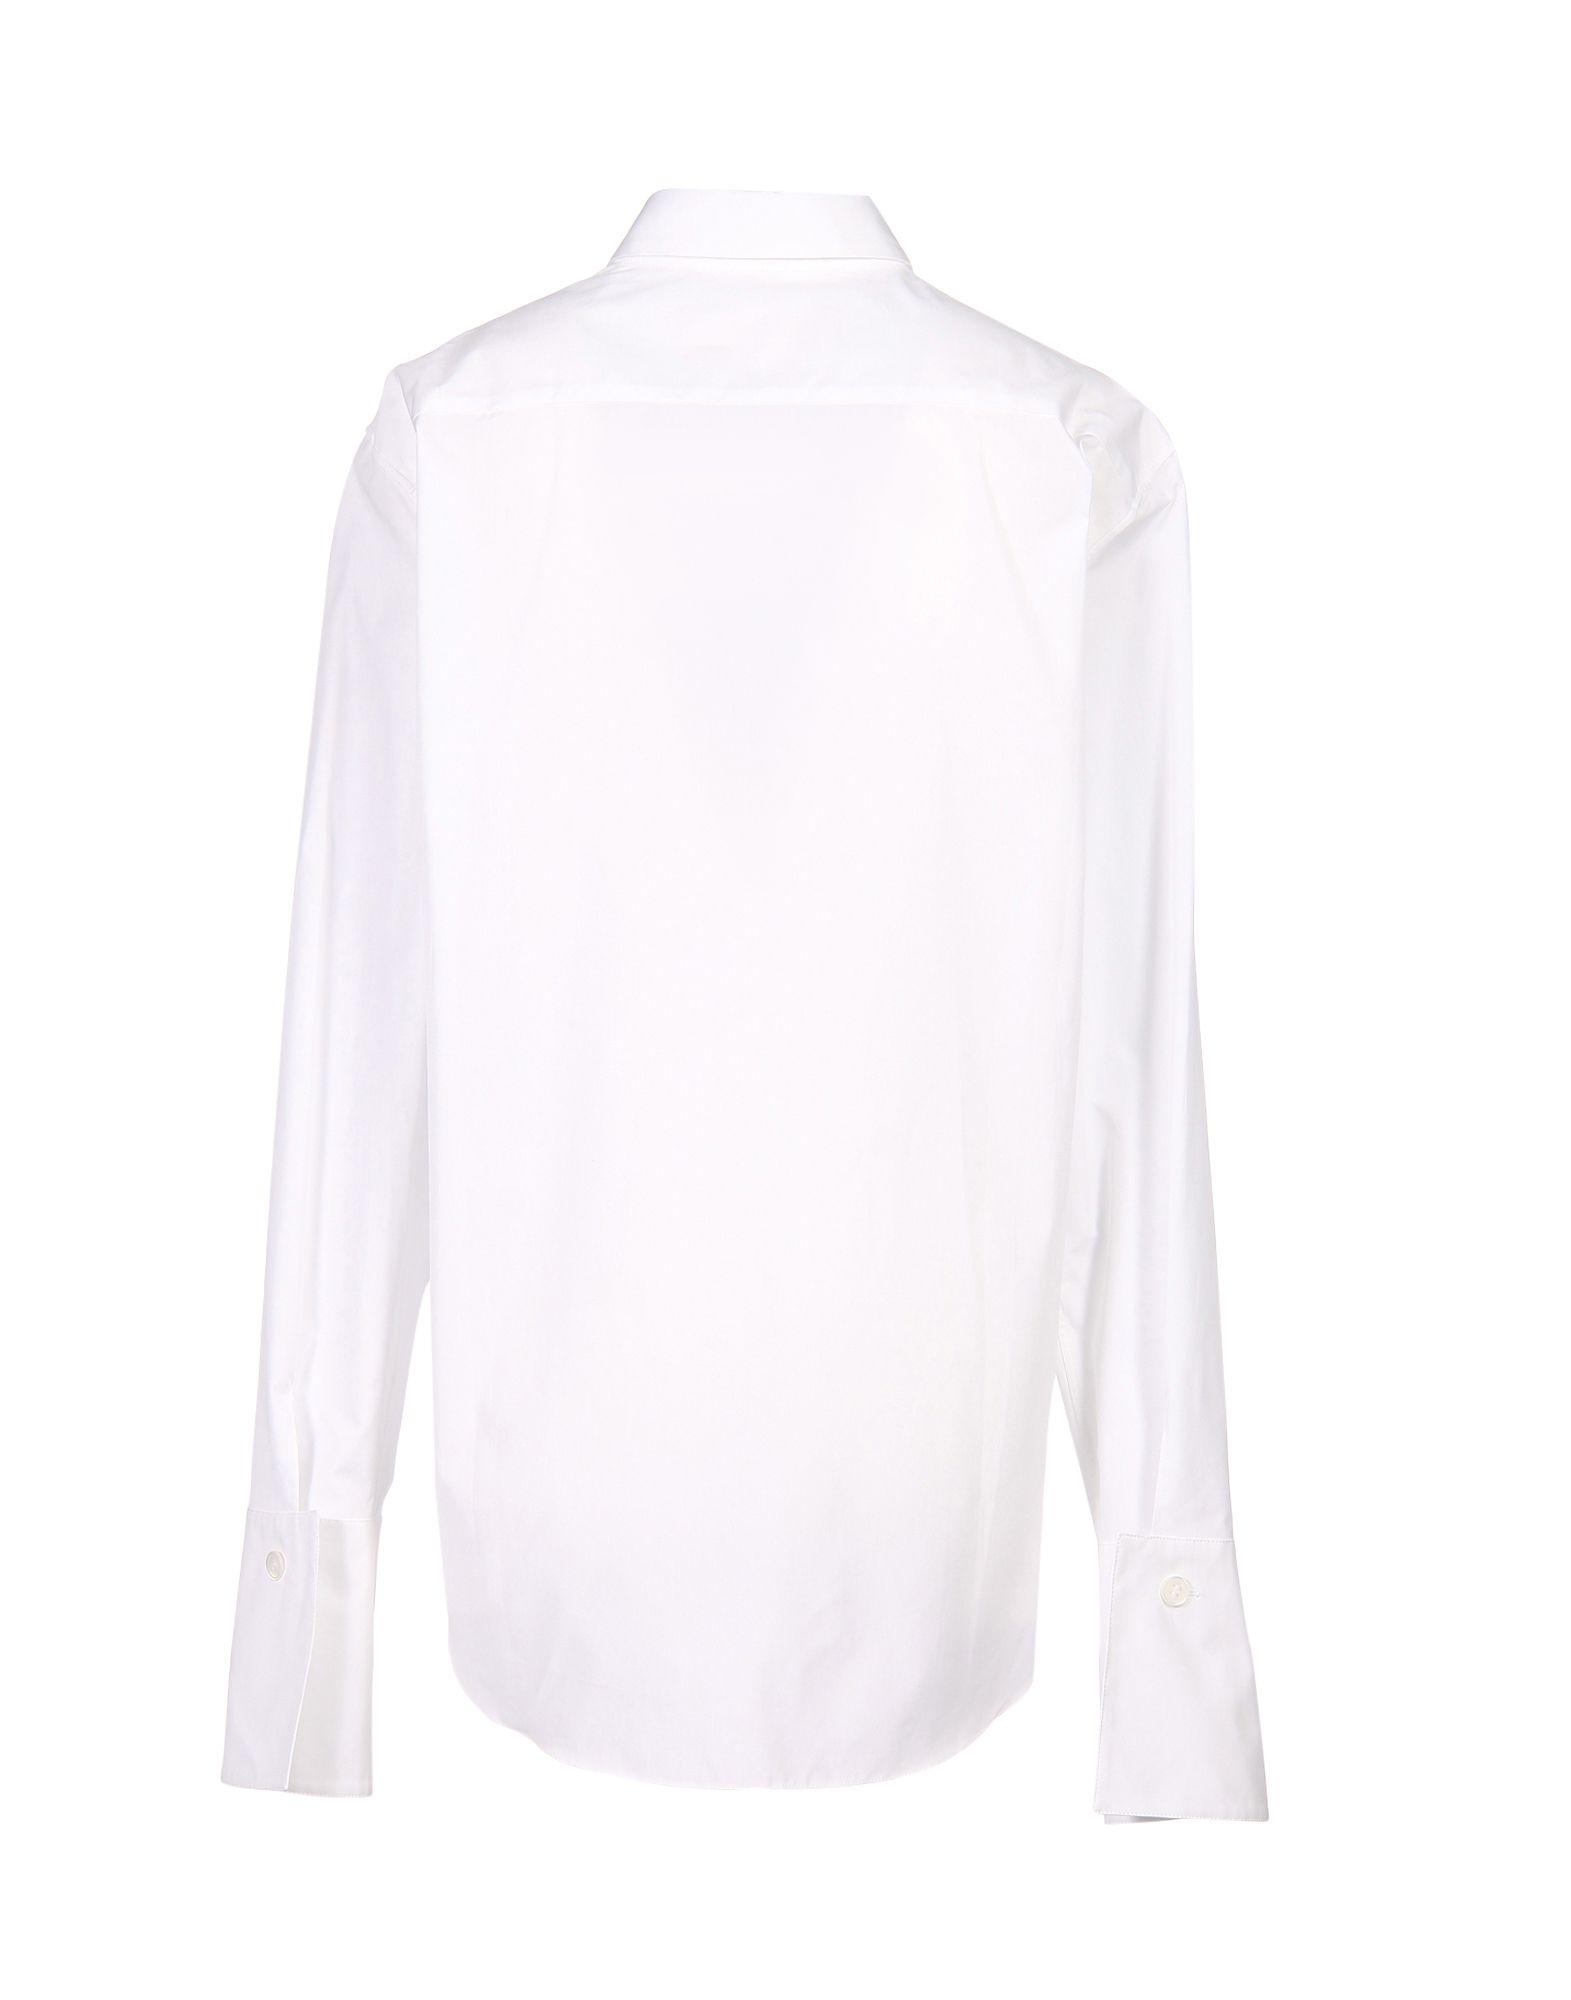 Marni shirt 2